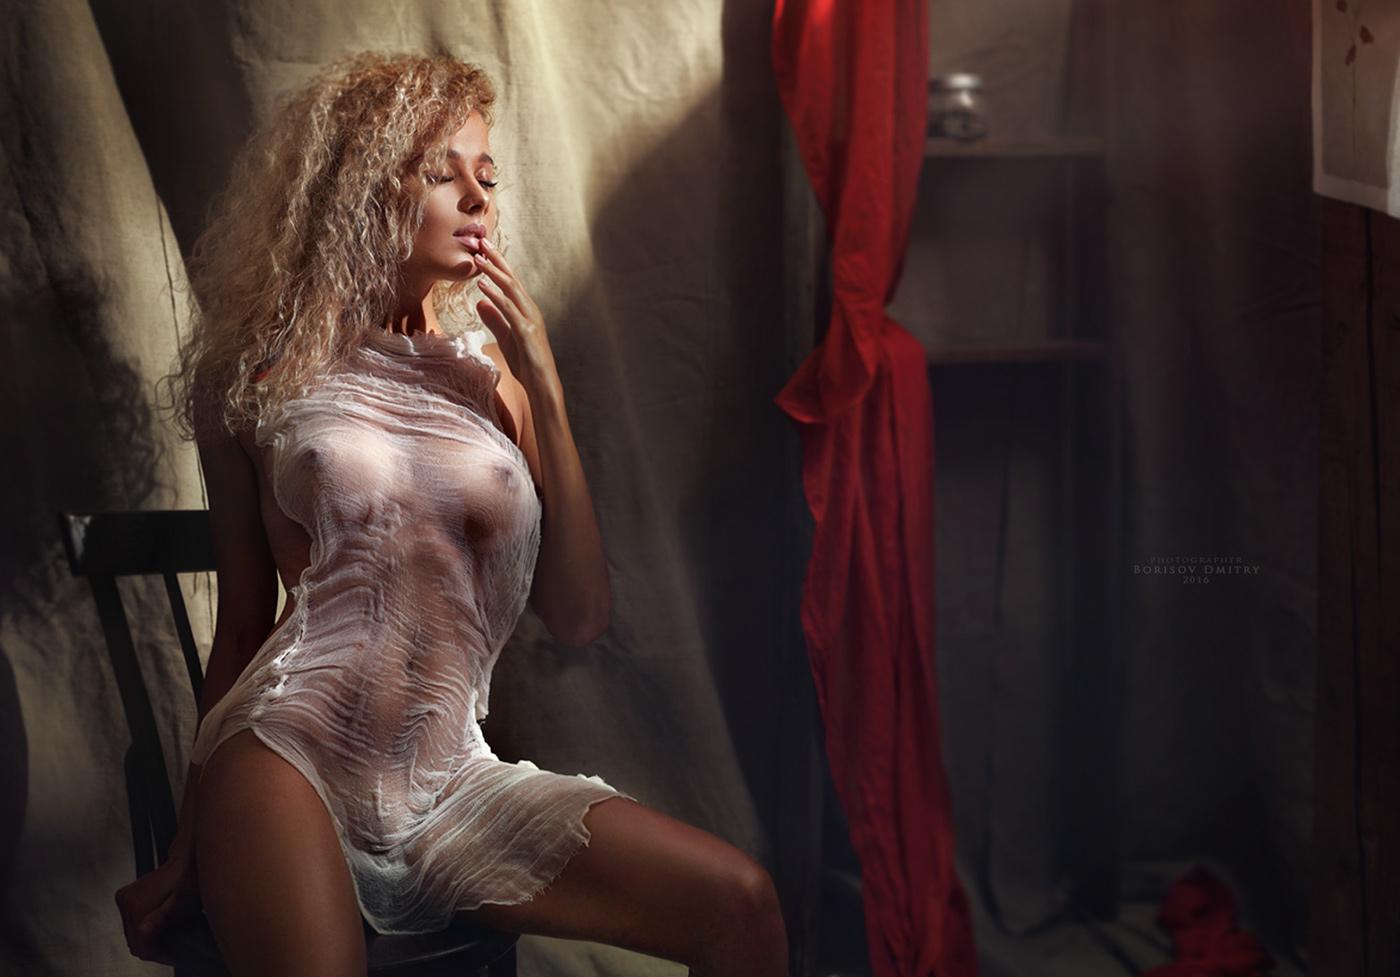 Кучерявая блондинка / Фотограф Дмитрий Борисов